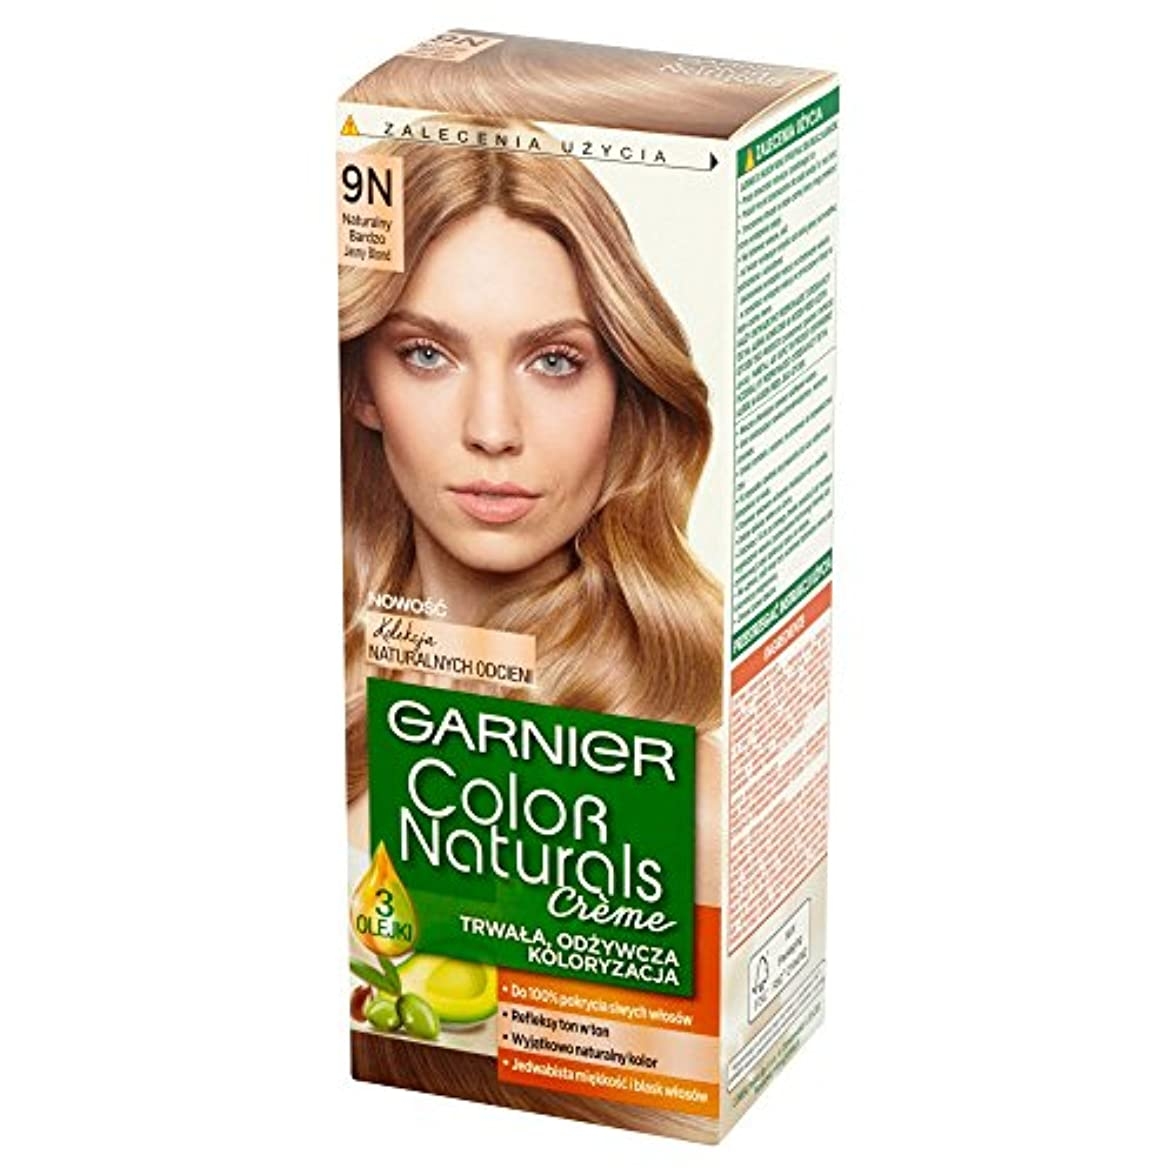 七面鳥集団引き金ロレアル Garnier Color Naturals Creme 9N • Natural Light Blonde ブロンドヘアカラークリーム